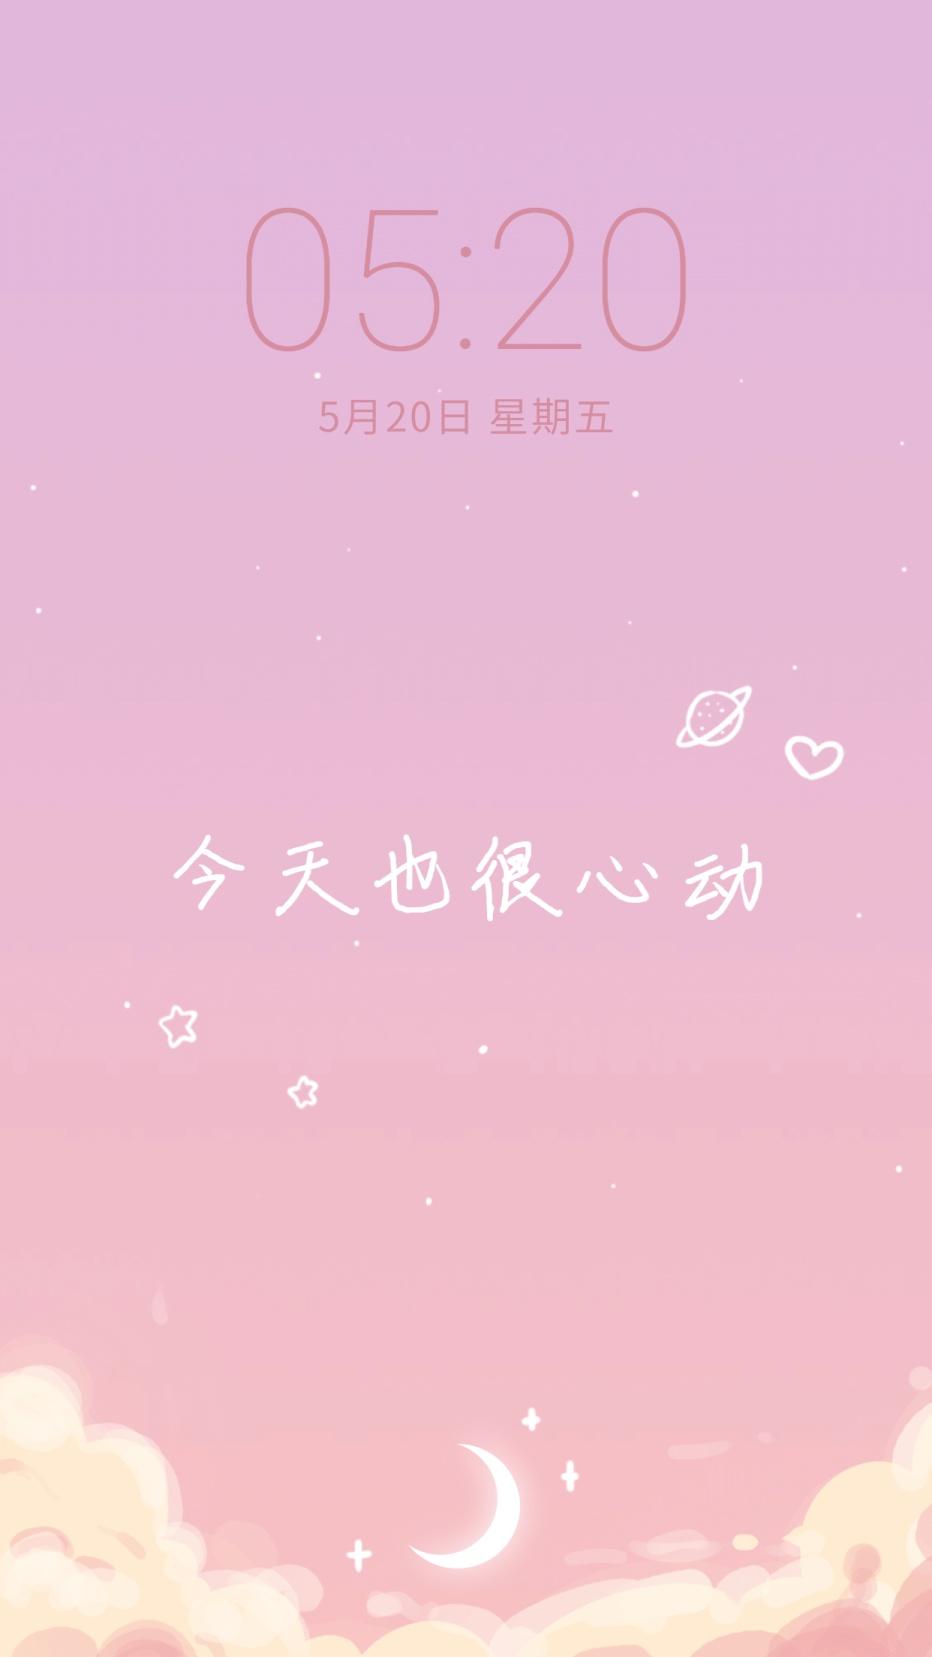 心动恋爱唯美梦幻手机壁纸明星应援